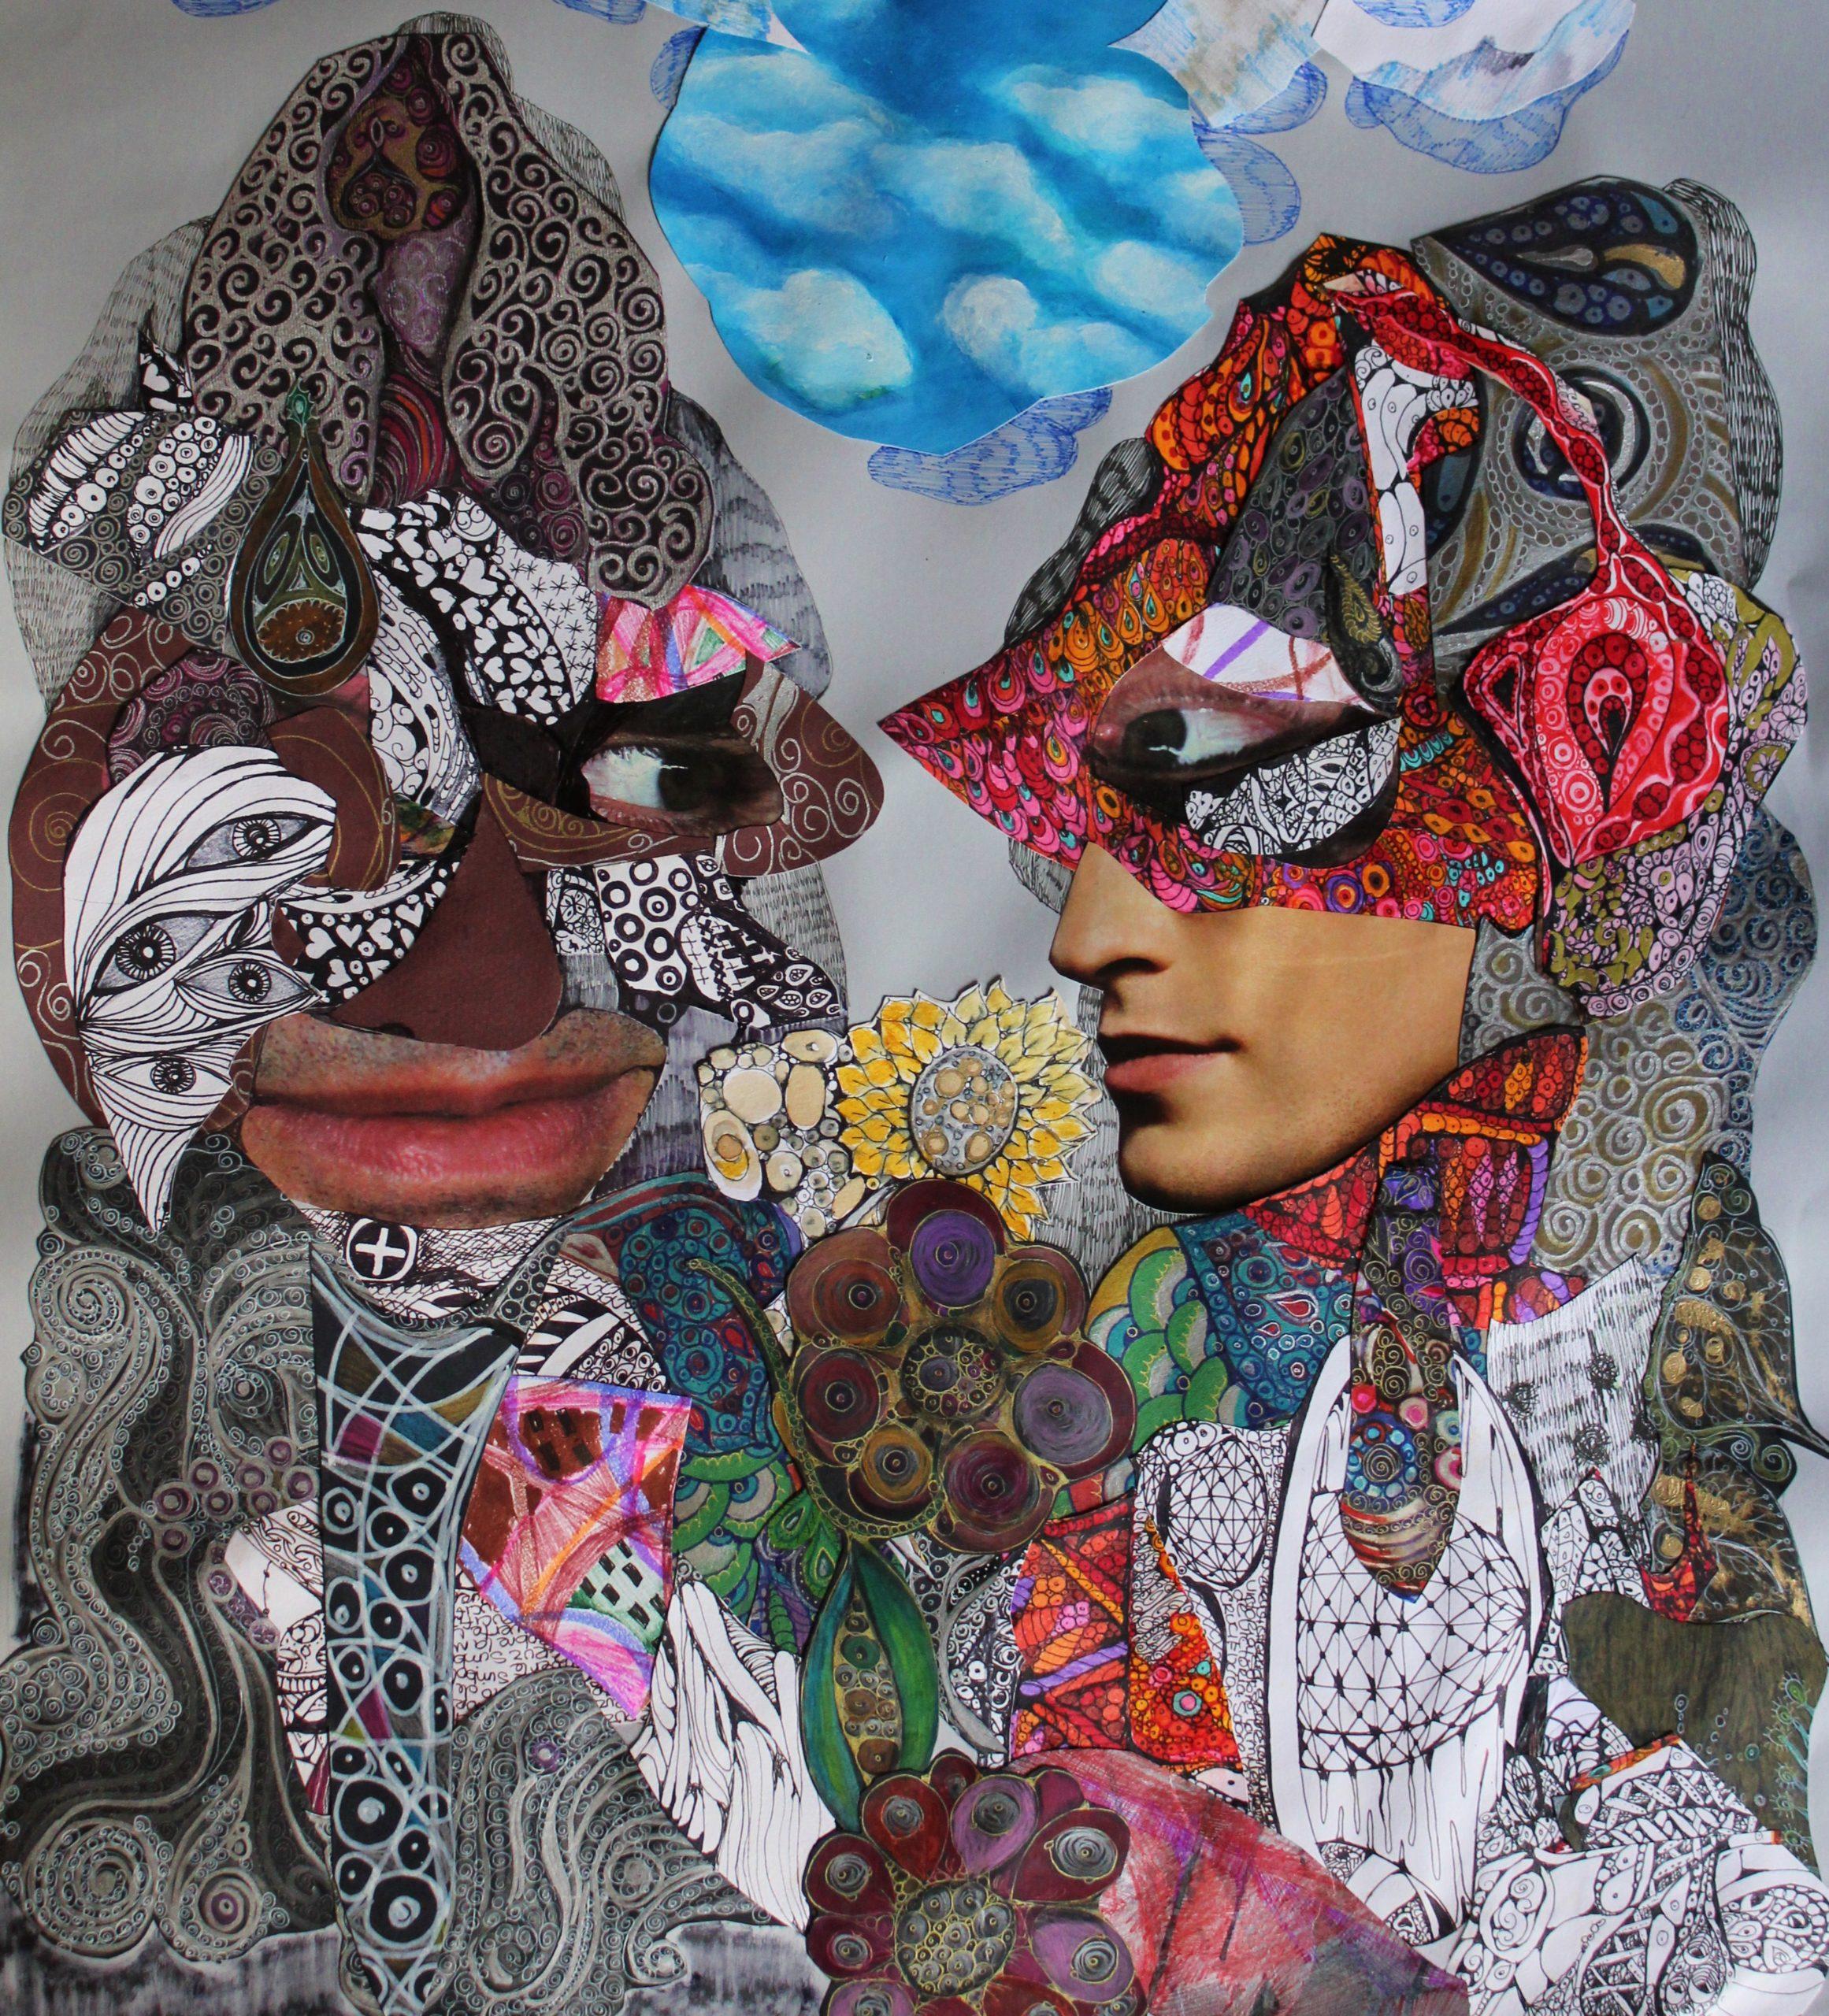 «Se casaron muy enamorados, que bella estaba la novia» collage/dibujo/ tinta, papel, 2009 CITLALLY MIRANDA. YLONKA NACIDIT-PERDOMO   VII MUJERES MIRANDO MUJERES